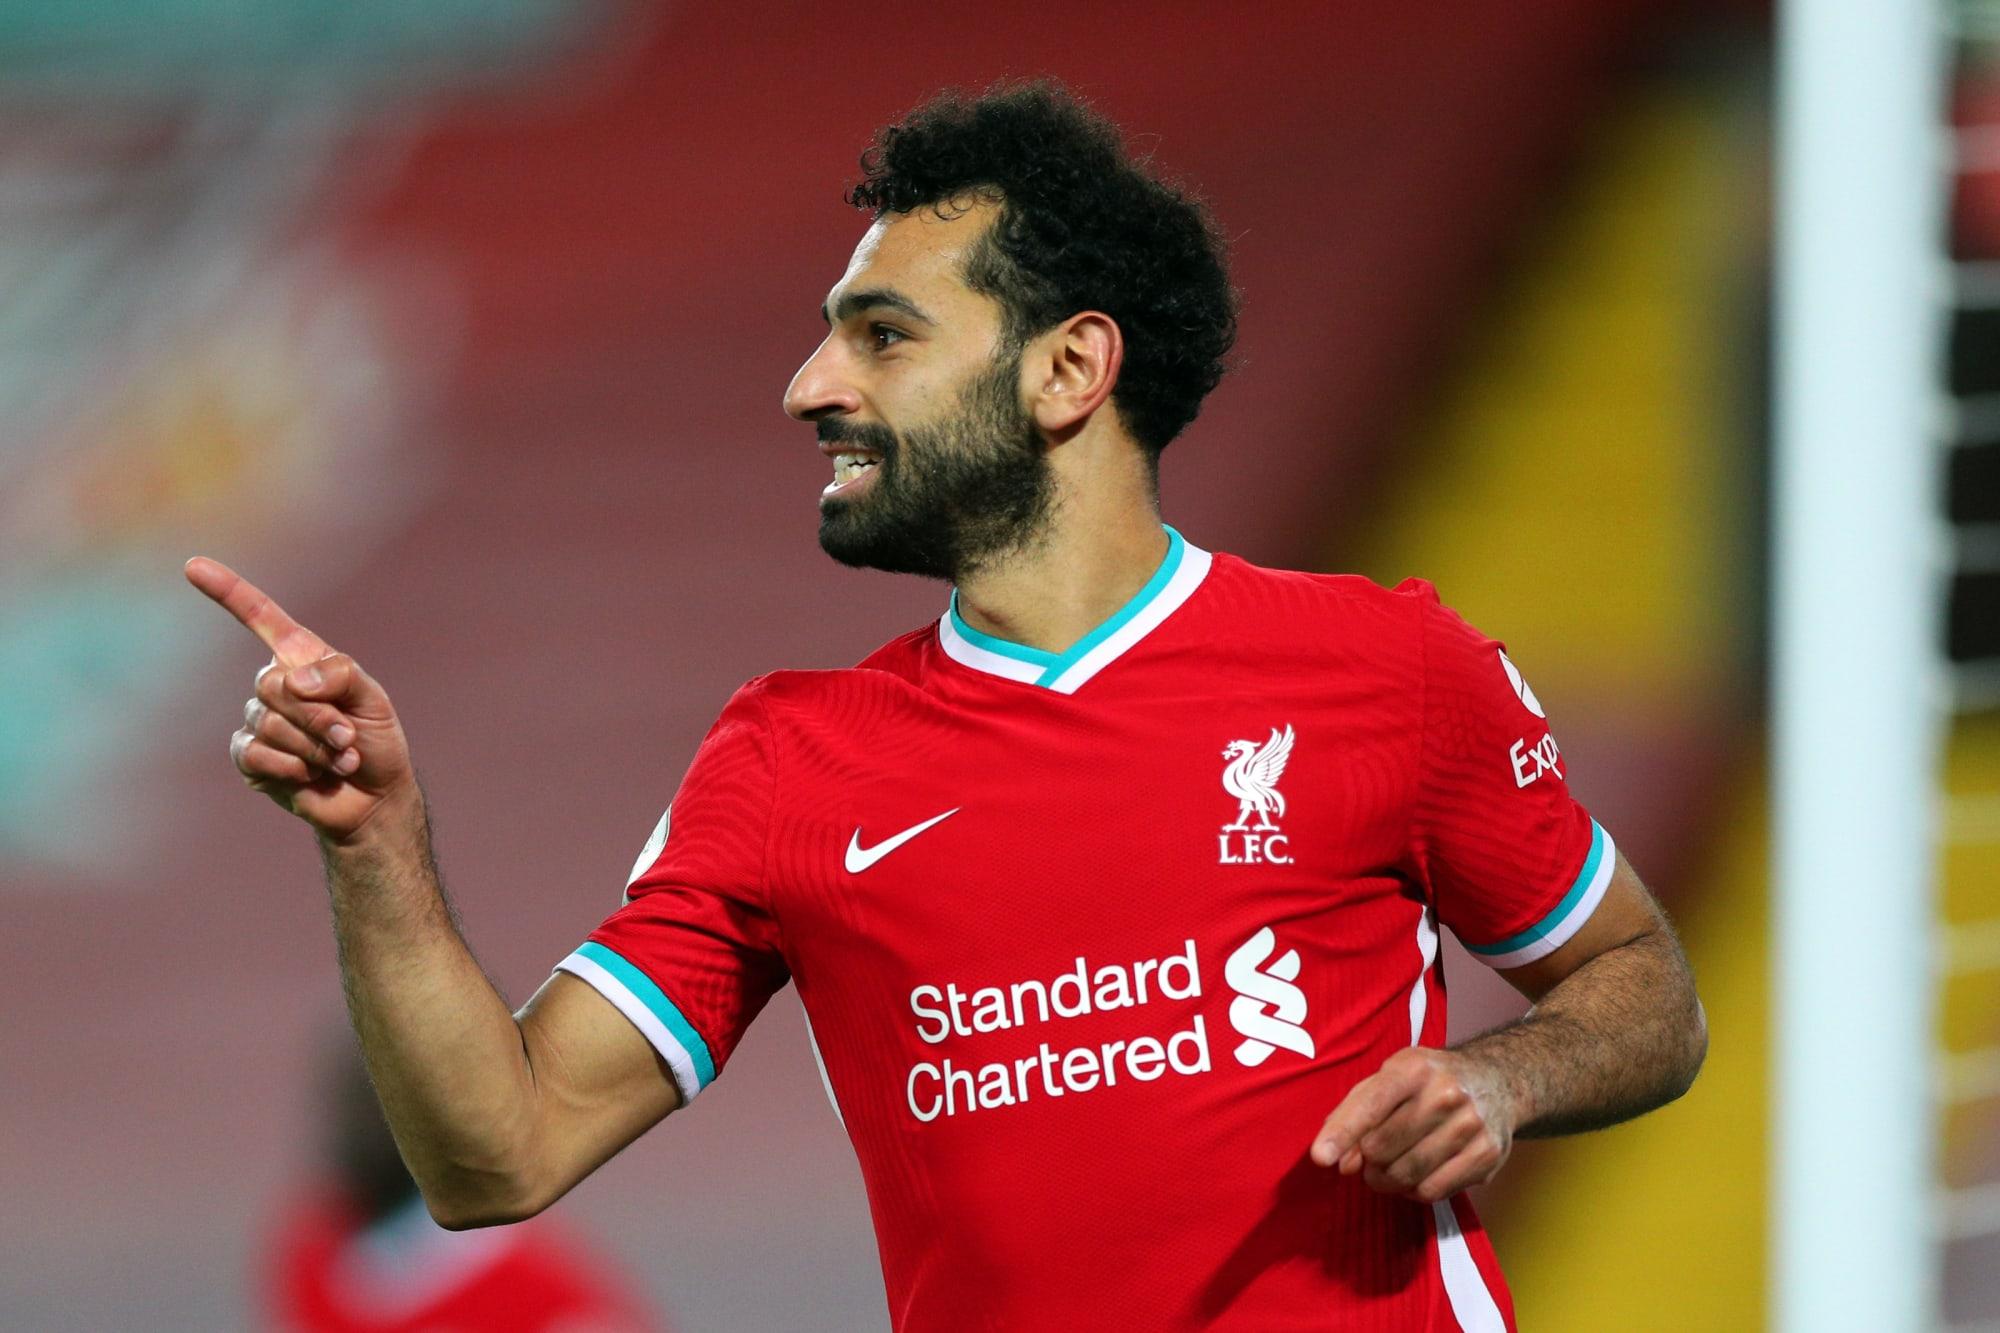 Liverpool: The 'next Mohamed Salah' is in Jurgen Klopp's grasp